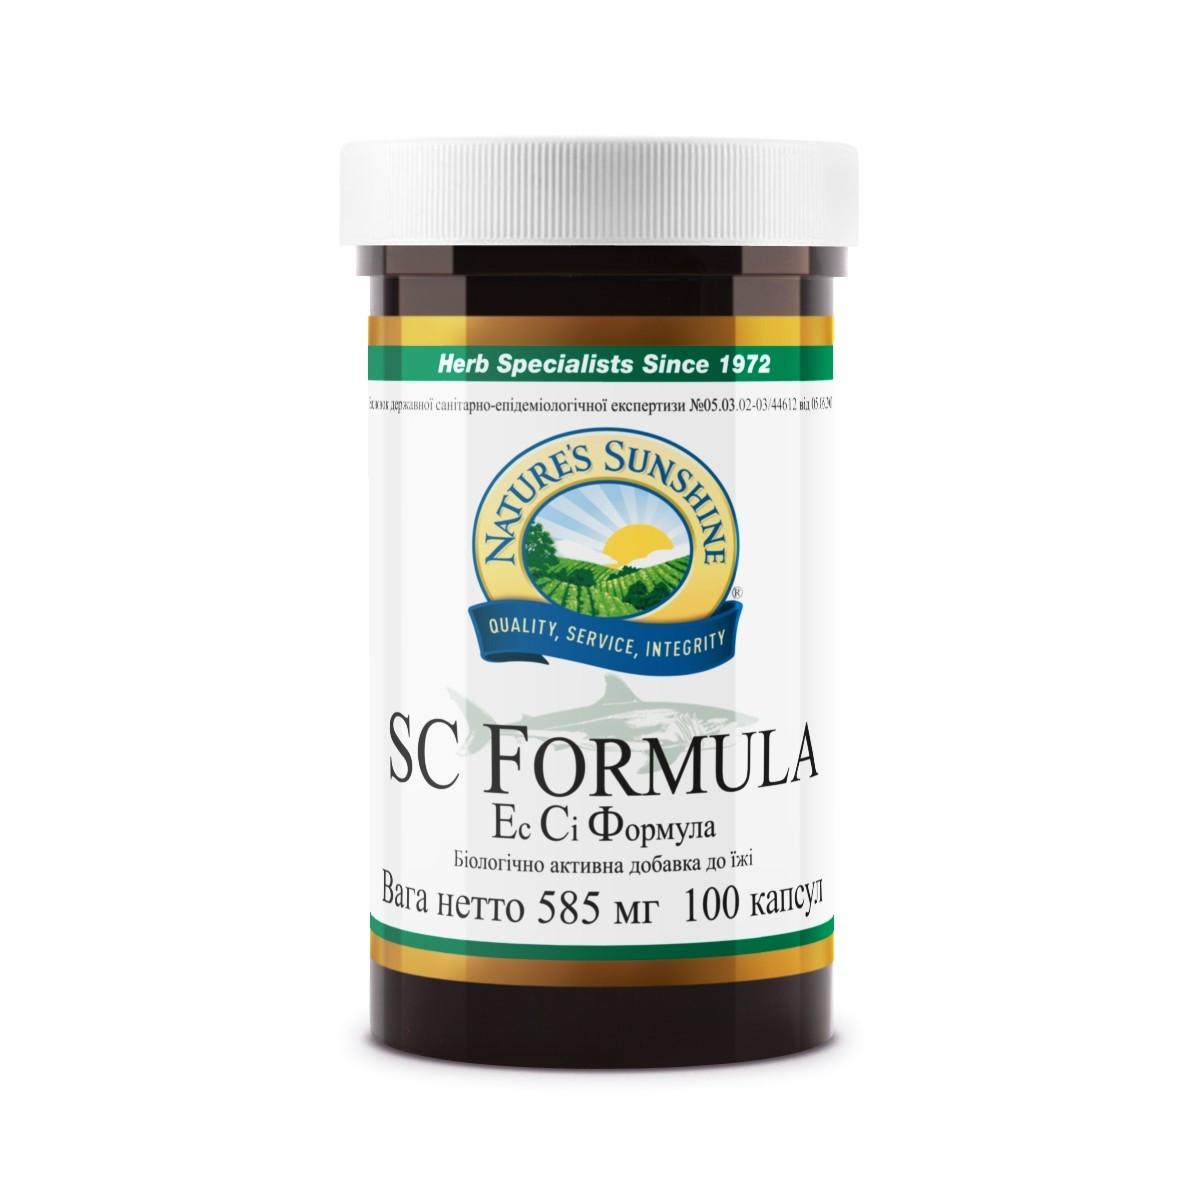 SC Formula Эс Си Формула, NSP, НСП, США. Антибактериальное и антигрибковое воздействие, защита суставов.